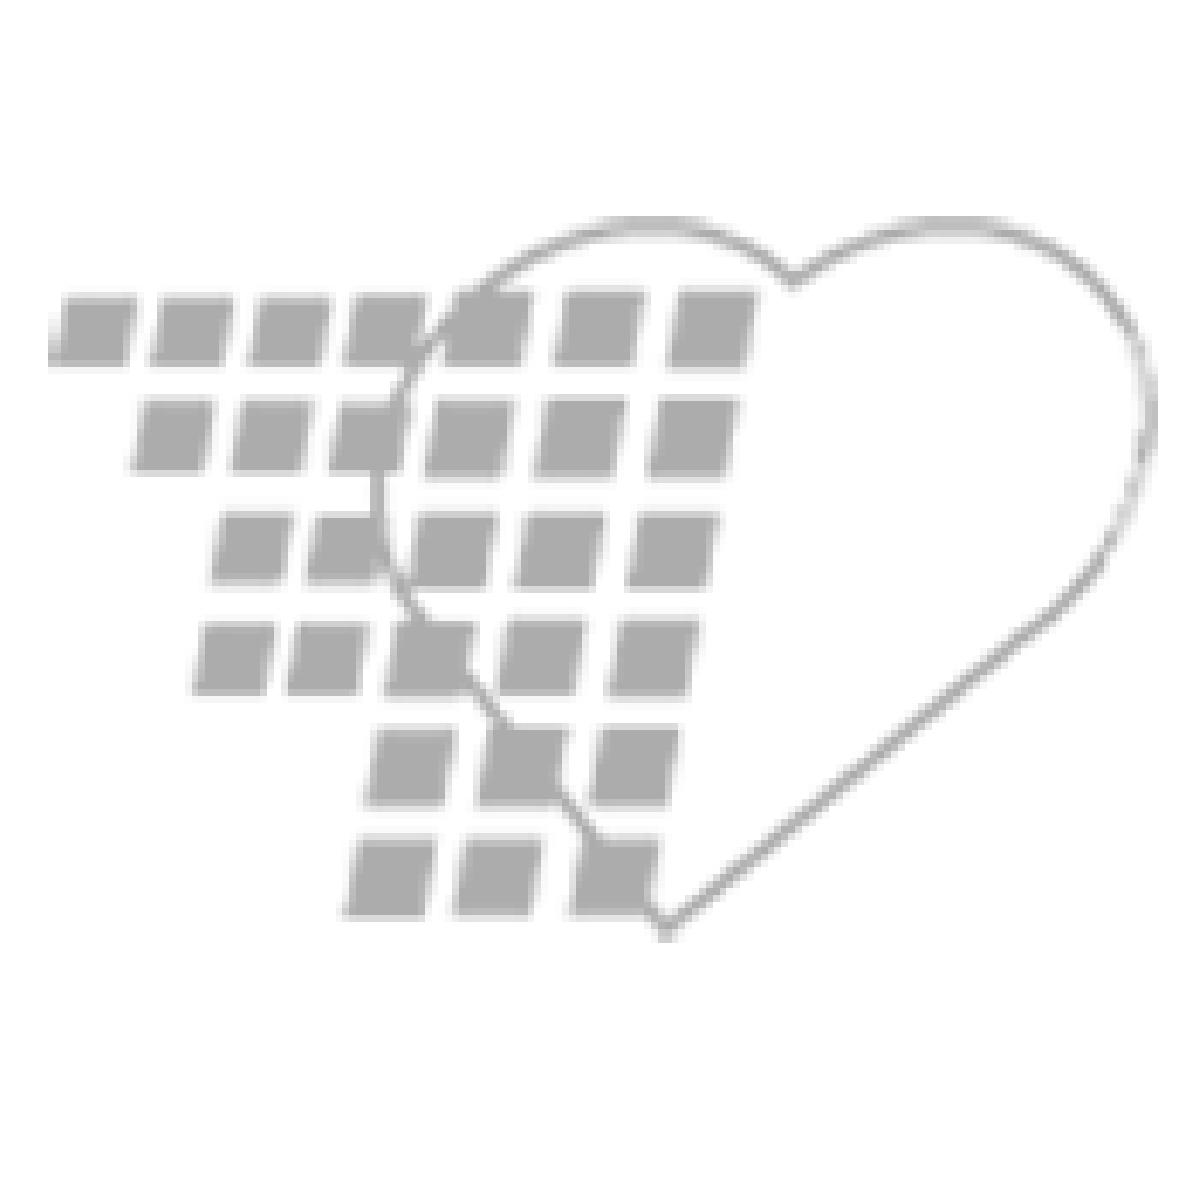 03-47-1032-MED - Latex Exam Gloves Singles - Small